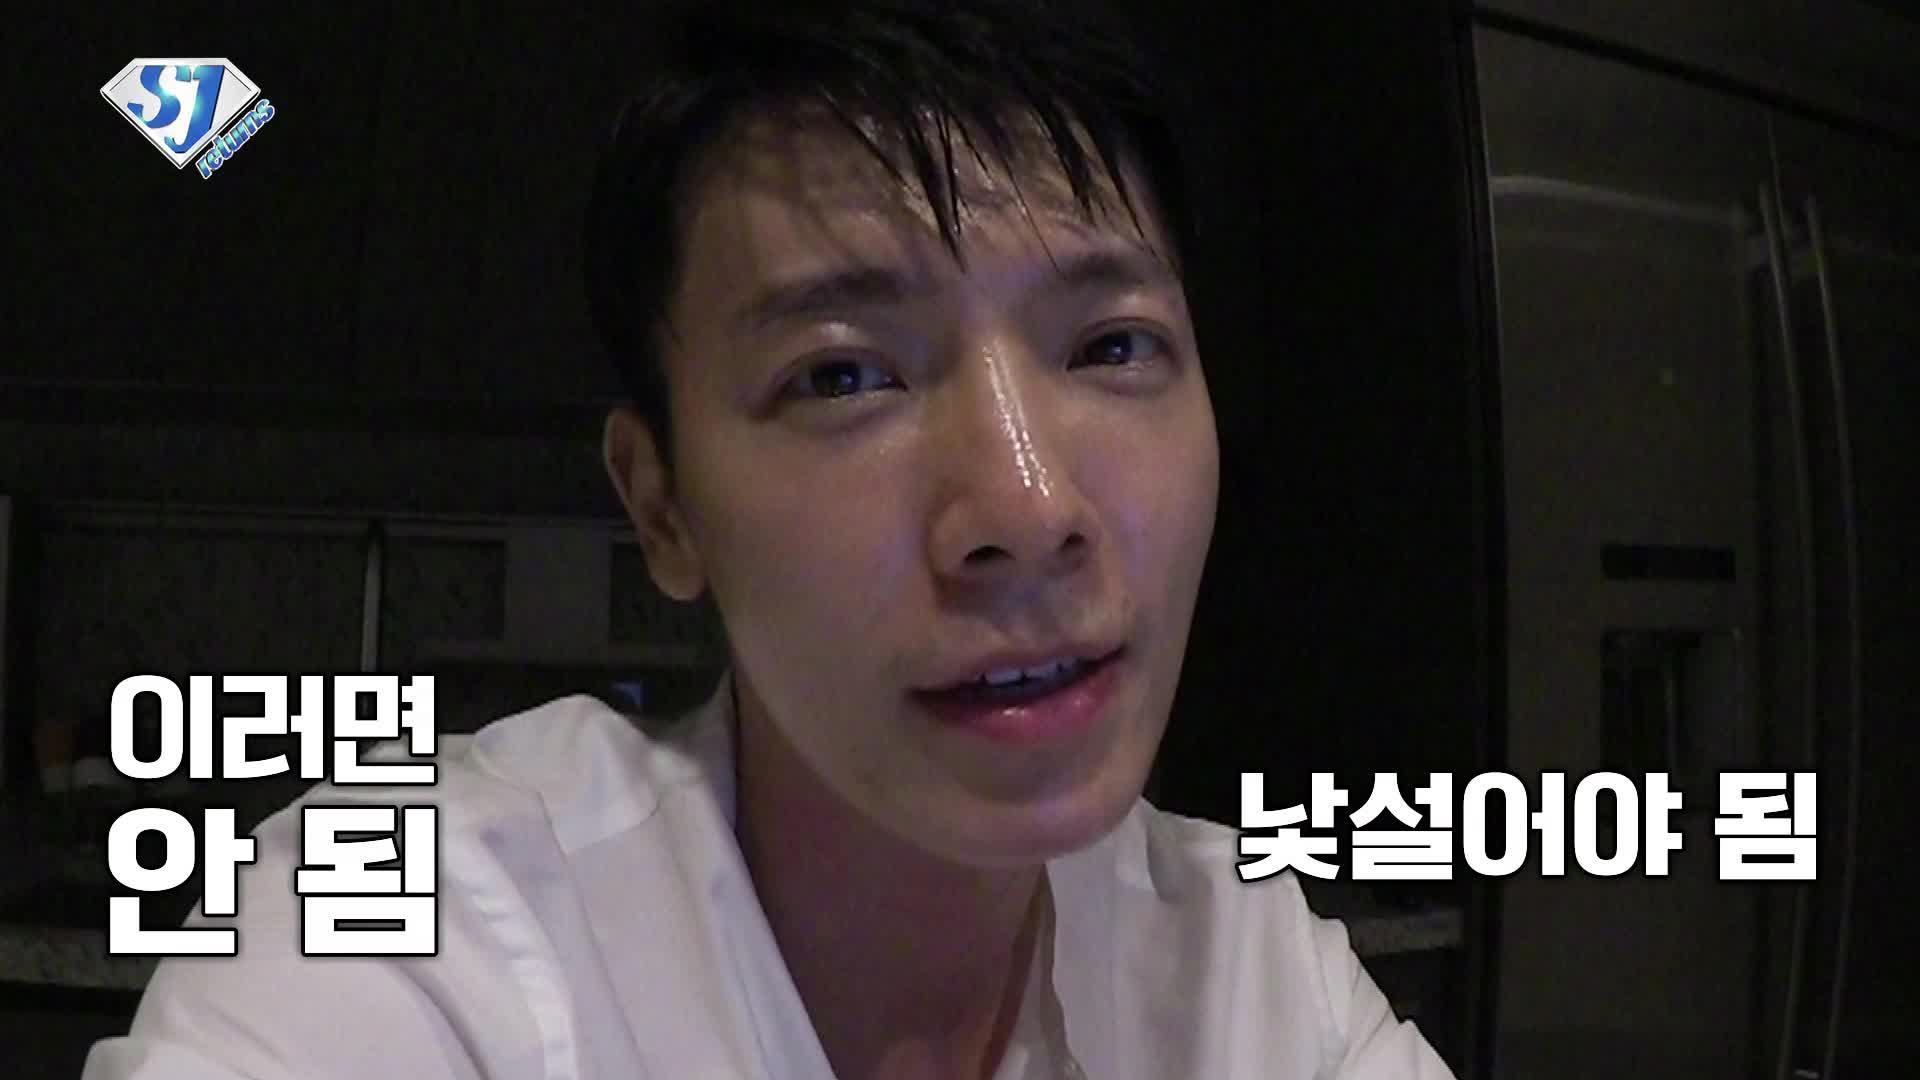 슈주 리턴즈 티저2-1. 은혁 시원 동해 캐릭터 티저